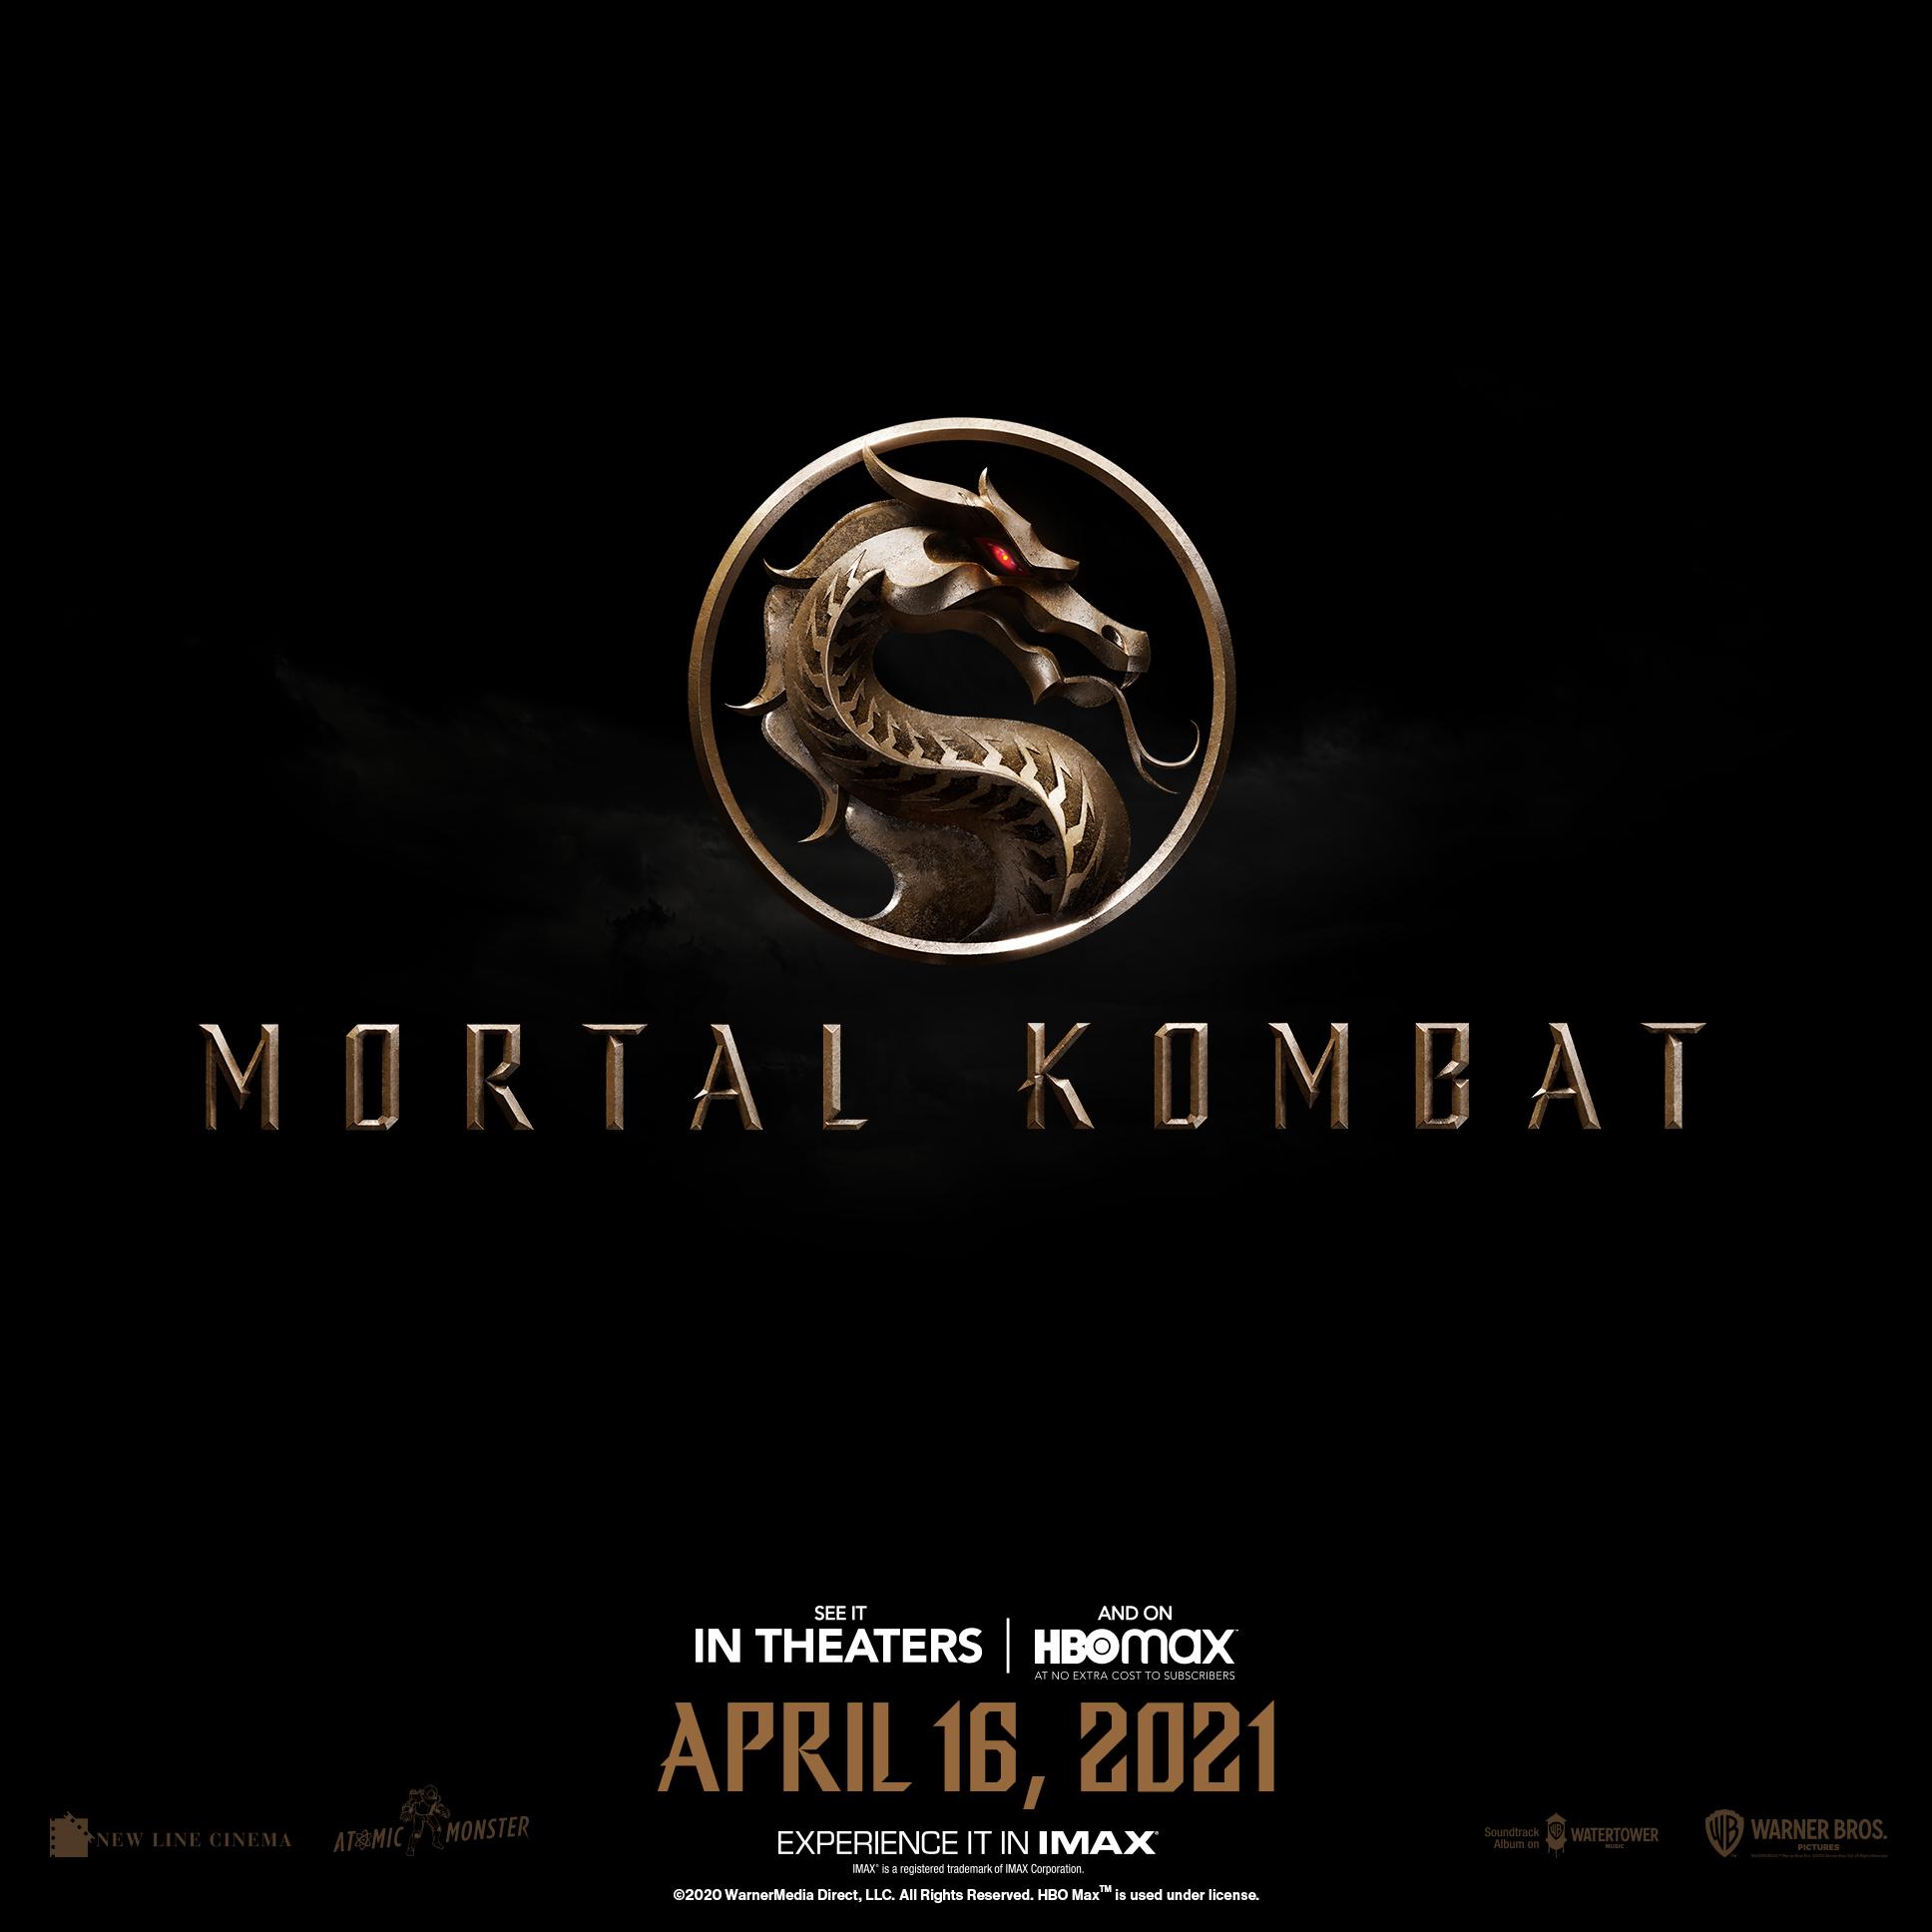 Filmová adaptace Mortal Kombat dostala nové datum premiéry MK